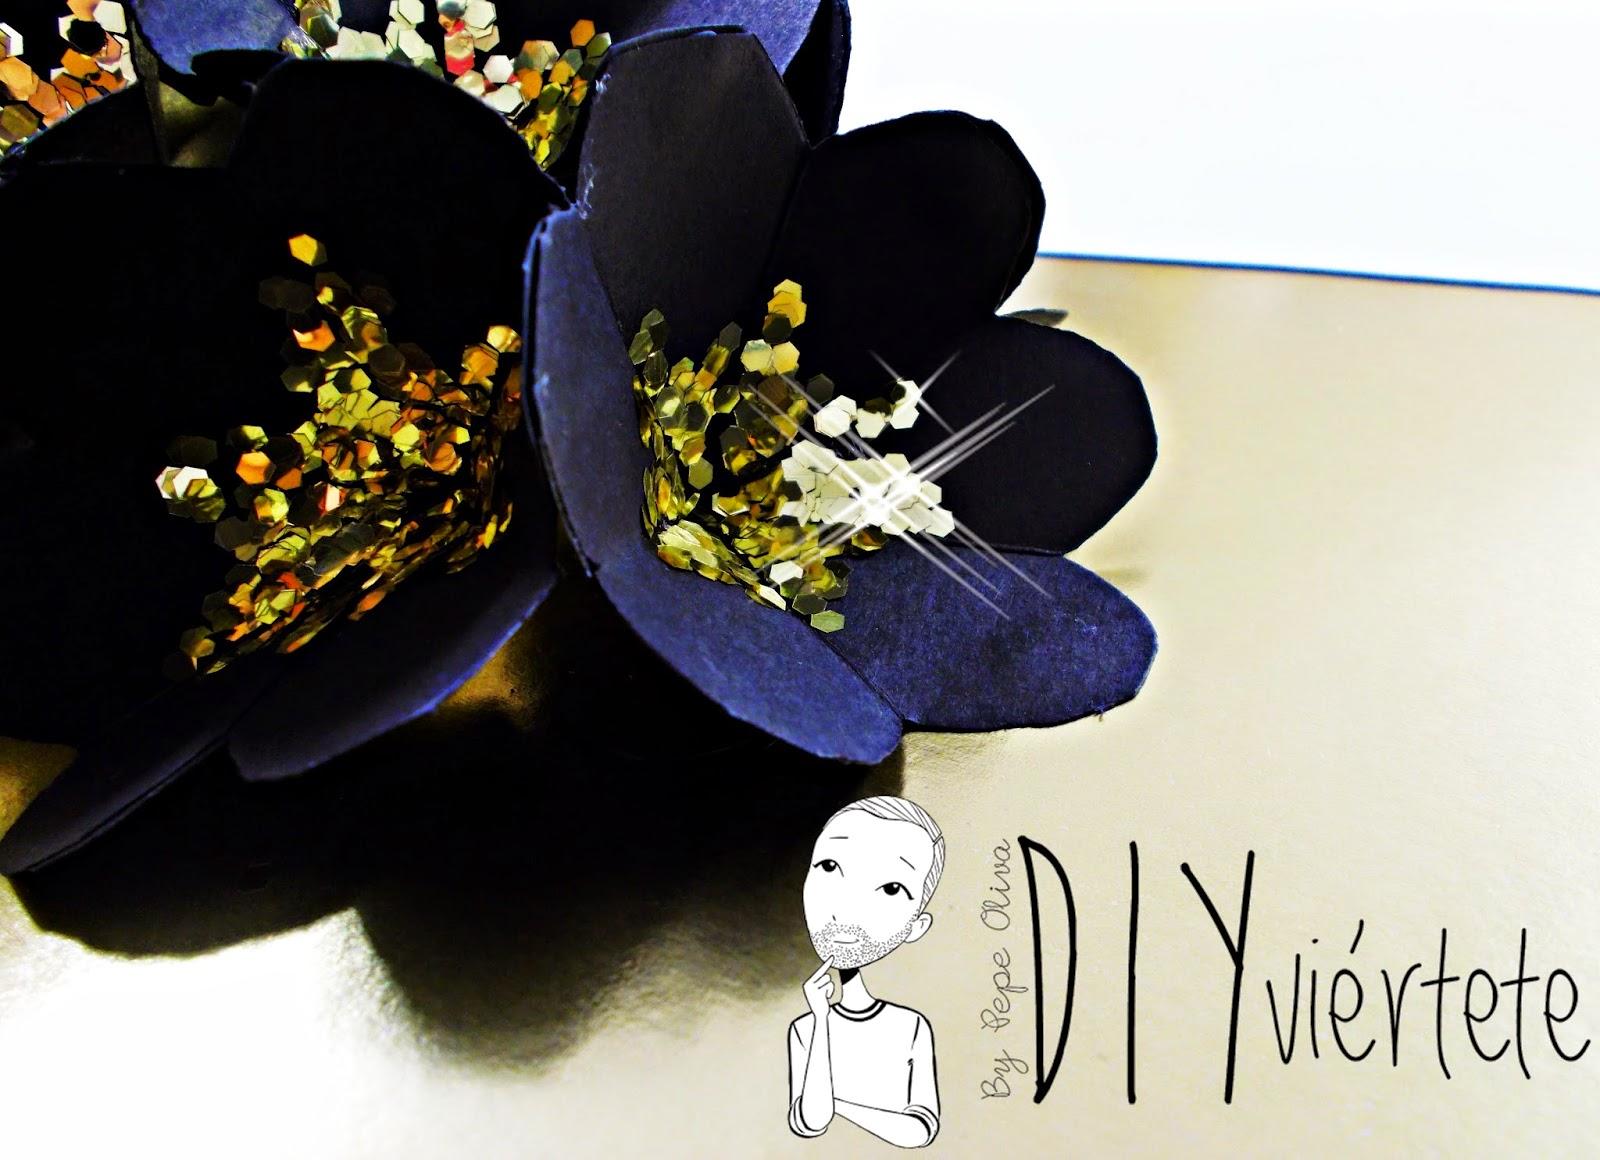 DIY-craft-tarjeta navideña-pop up-navidad-flores-Christmas-felicitación-2